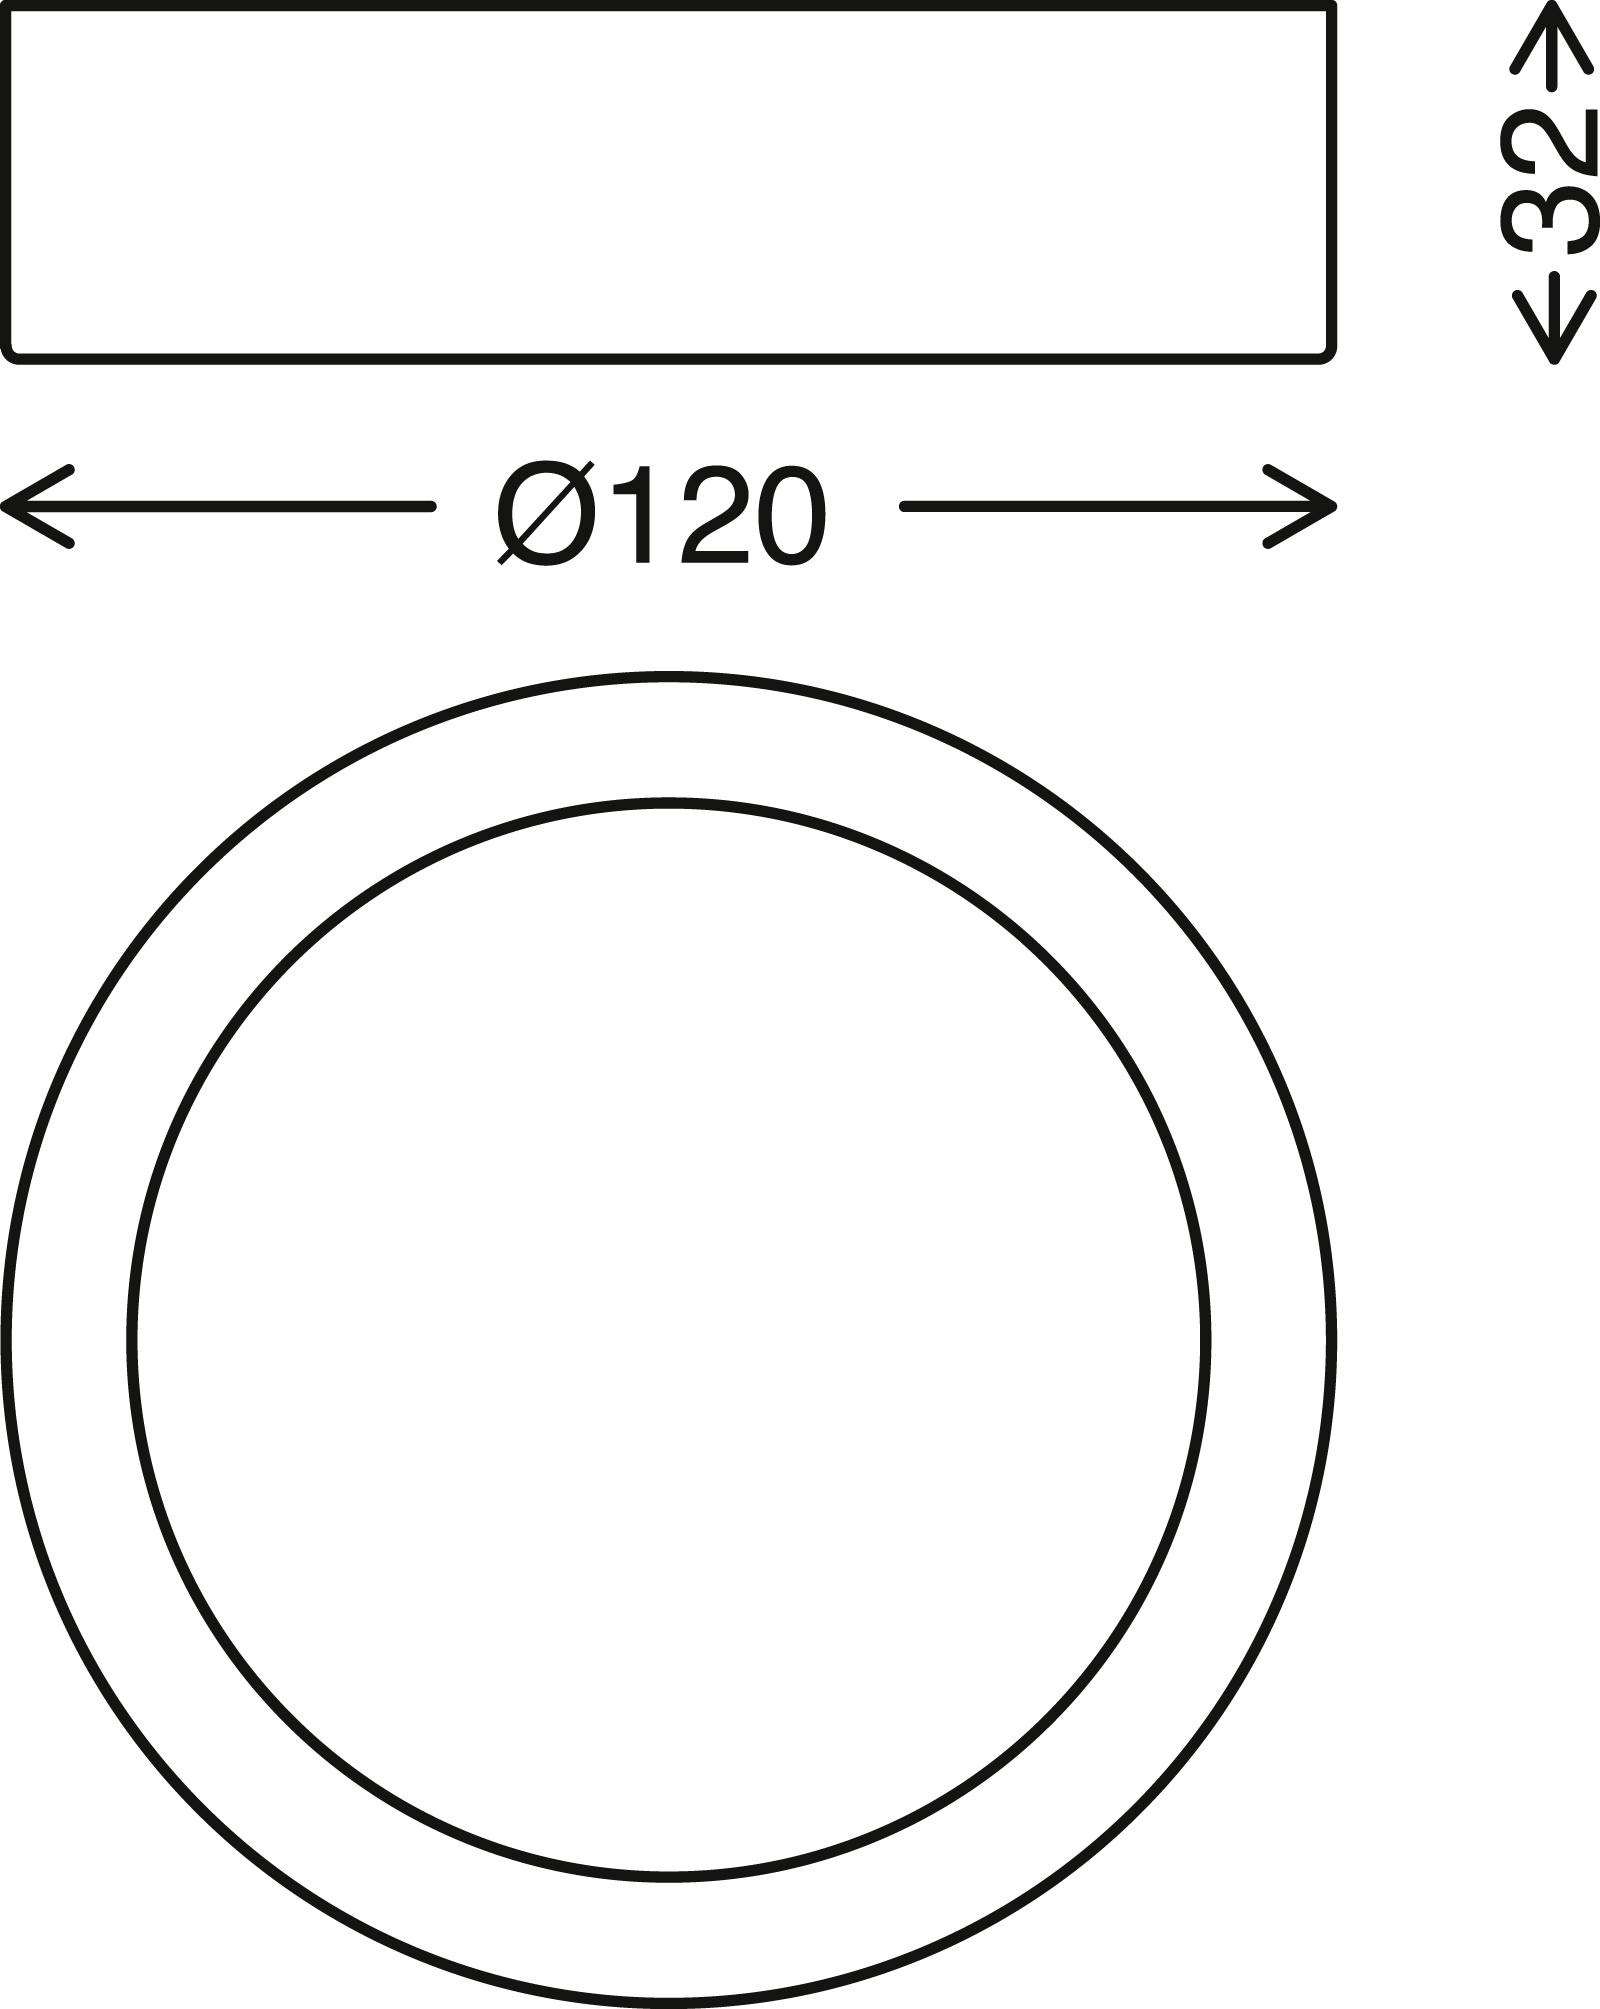 LED Deckenleuchte, Ø 12 cm, 7 W, Weiss